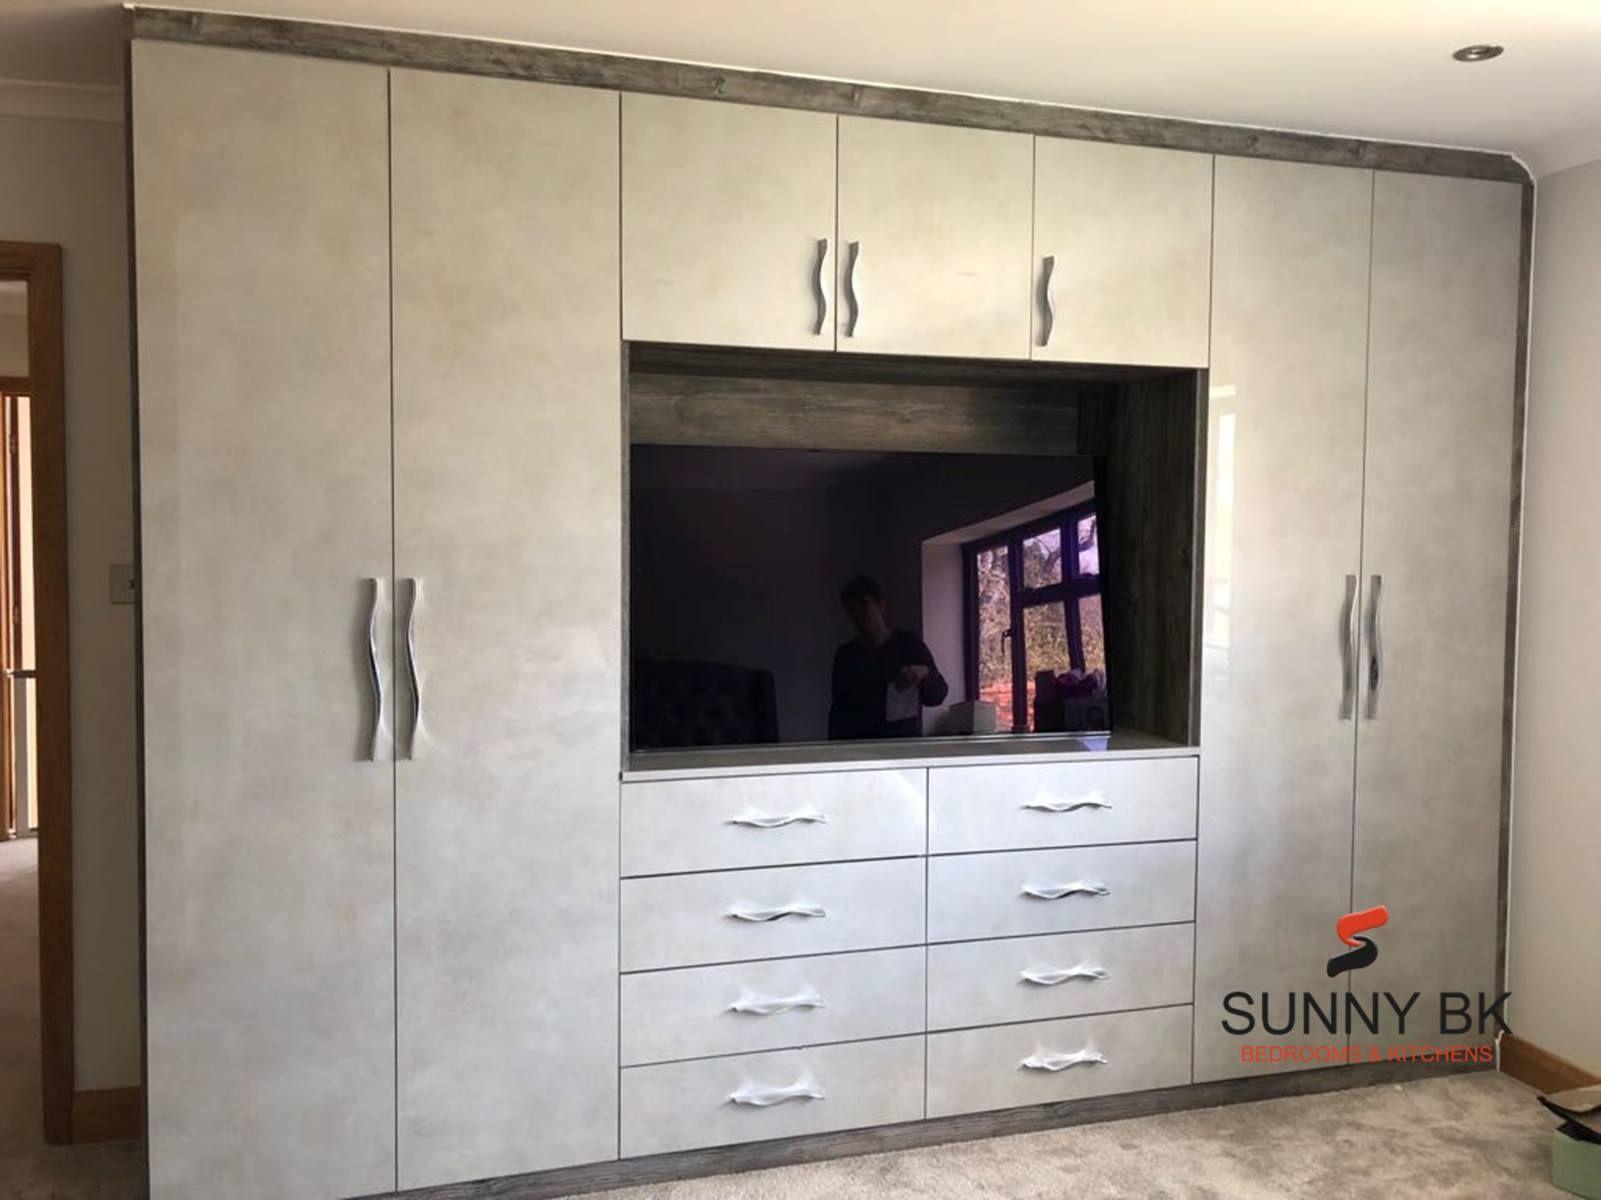 Bedrooms Sunny Bk Wardrobe Door Designs Bedroom Cupboard Designs Cupboard Design